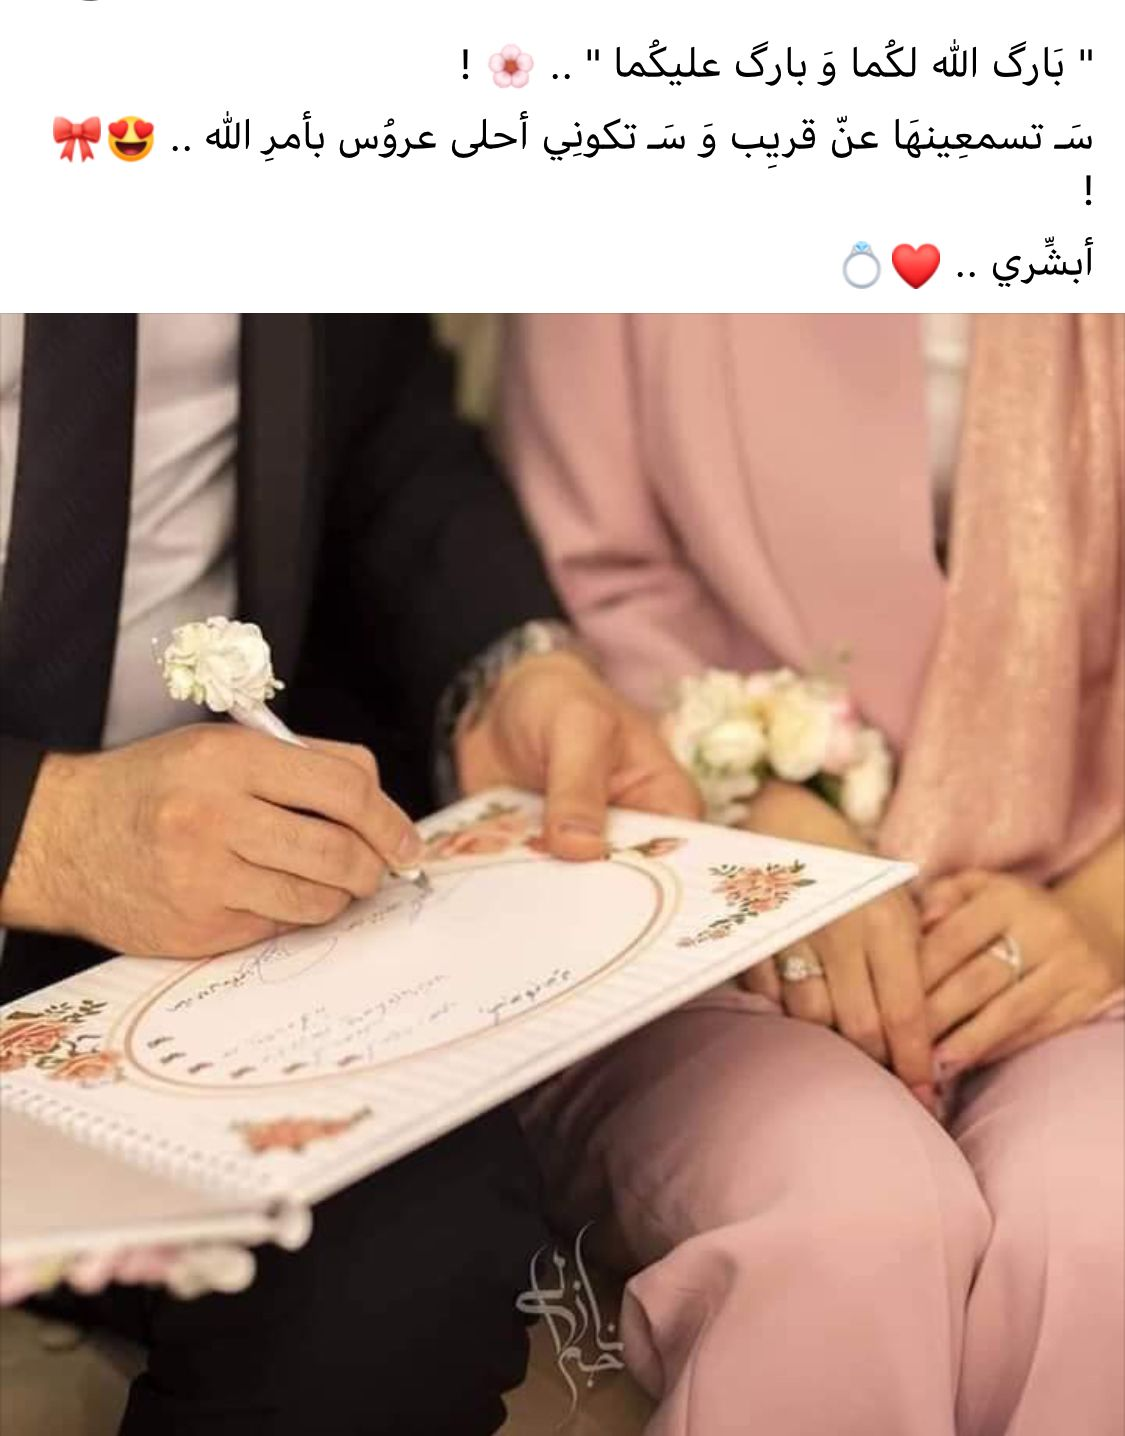 انشاء الله Bride Quotes Wedding Quote Relationship Goals Pictures